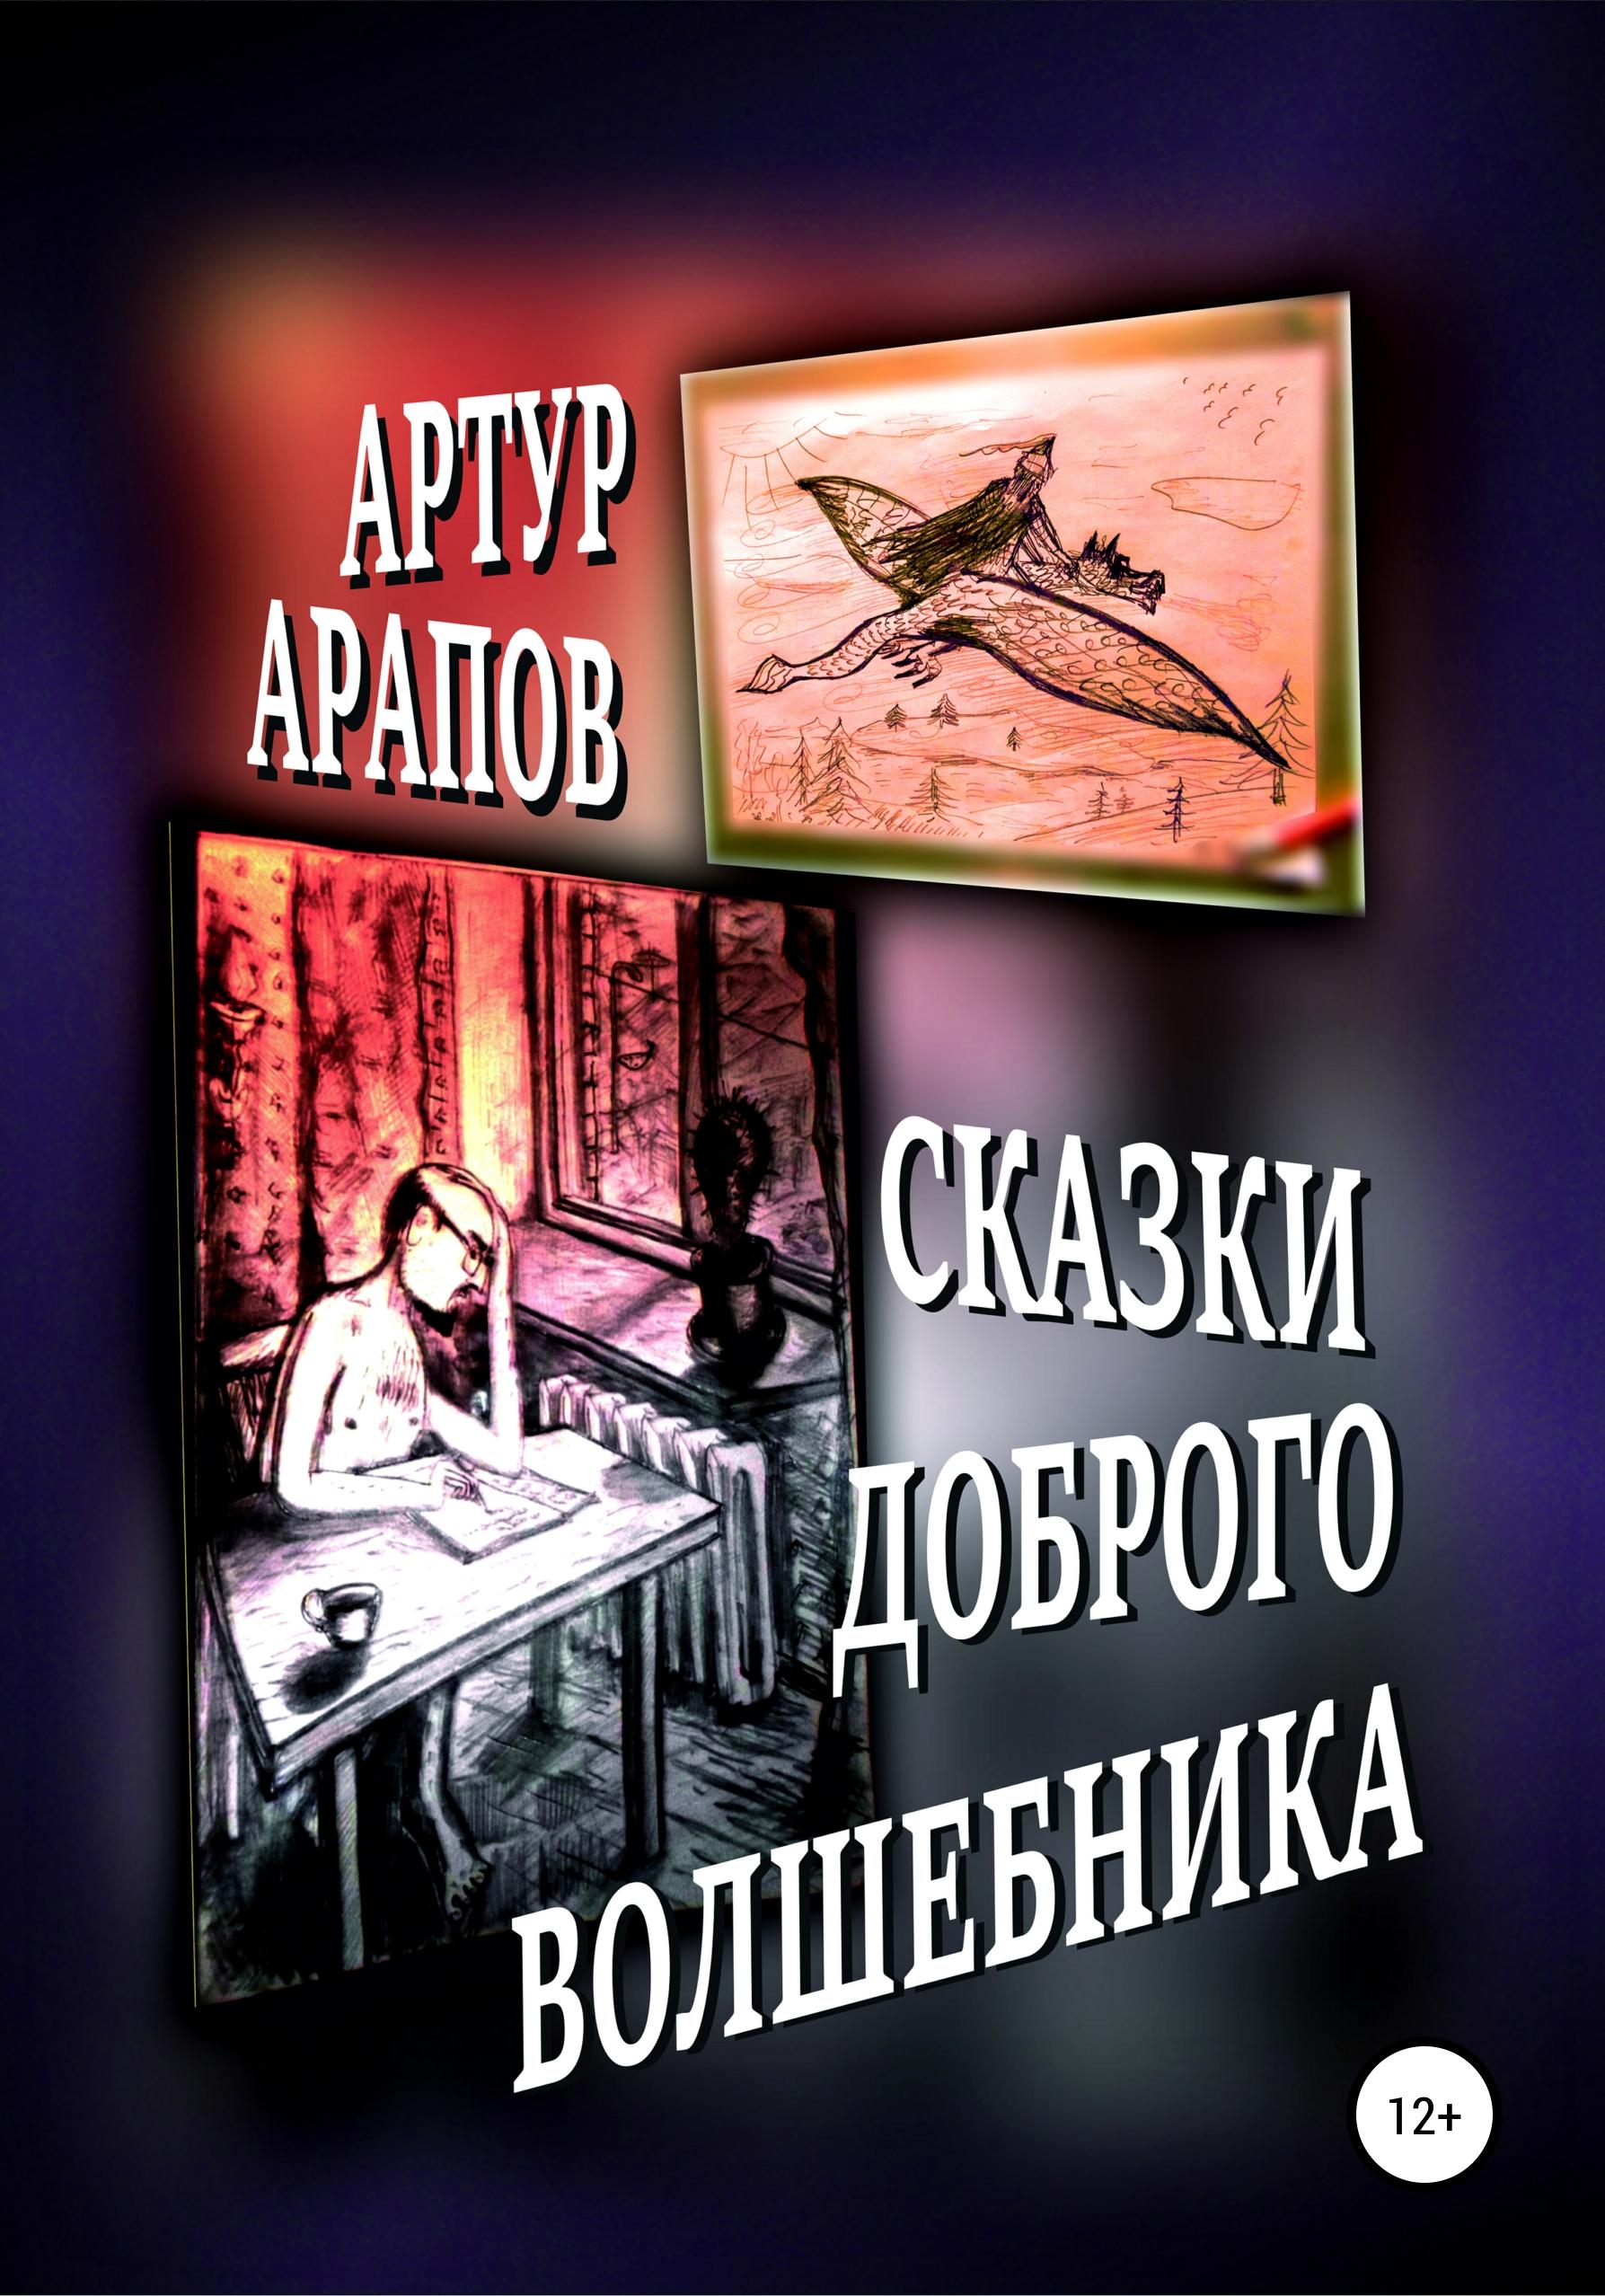 Артур Арапов Сказки доброго волшебника. Сборник цены онлайн